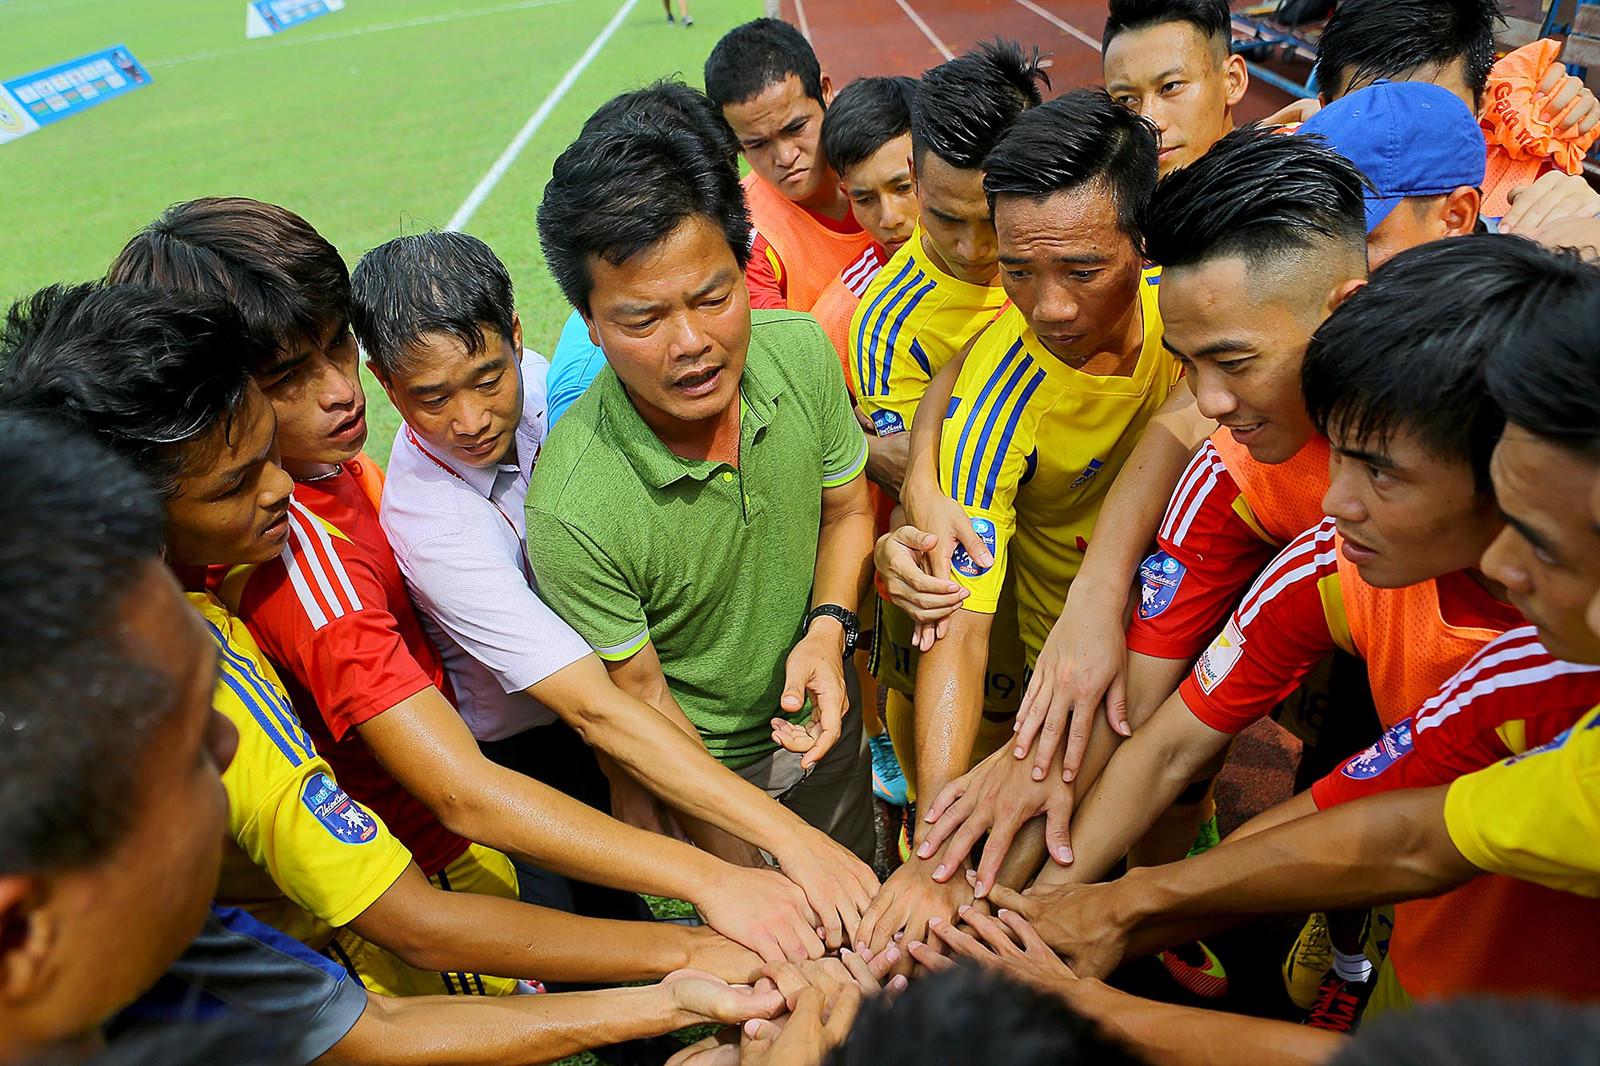 Điểm tin bóng đá Việt Nam sáng 24/05: Rò rỉ thông tin đội bóng HLV Miura giải thể - Bóng Đá